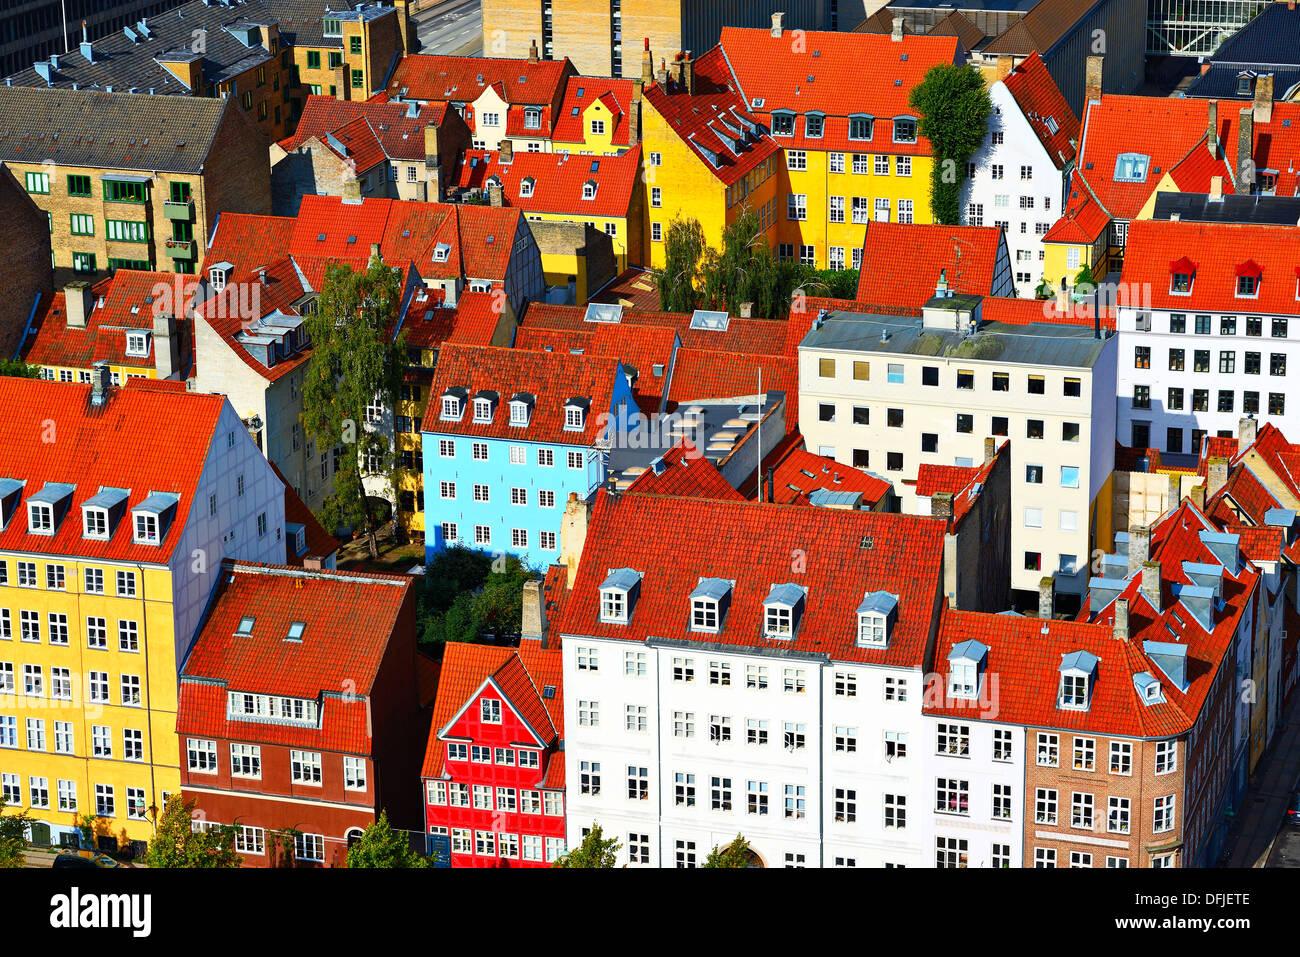 Wohngebäude in Kopenhagen, Dänemark. Stockbild